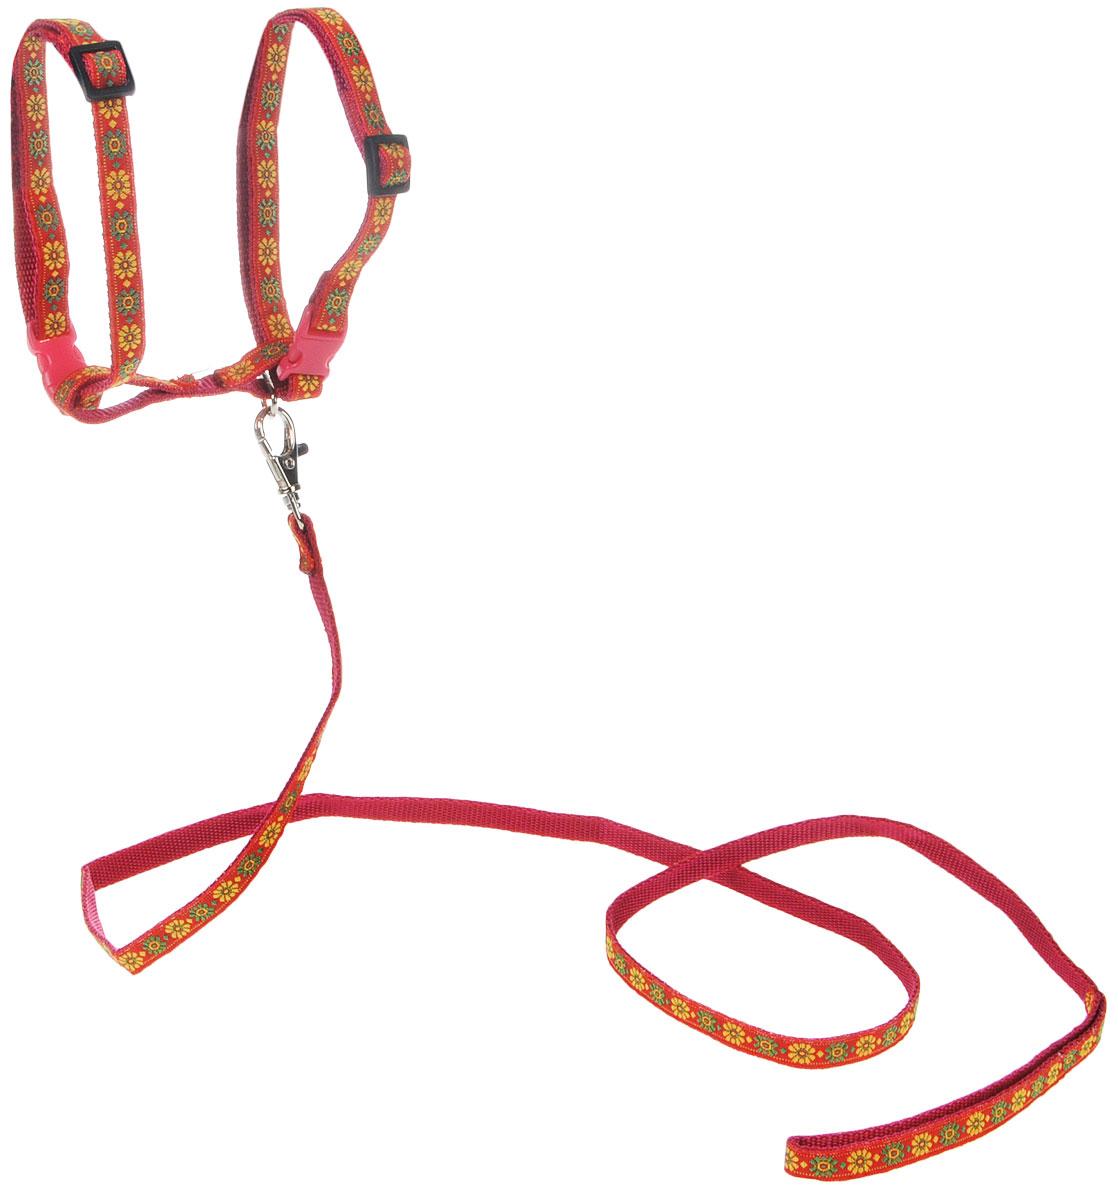 Комплект для кошек GLG Жаккард, цвет: красный, желтый, 2 предметаOH12/C_красныйКомплект для кошек GLG Жаккард включает в себя два предмета - шлейку и поводок, выполненные из нейлона. Шлейка снабжена пластиковыми застежками-фастекс и регуляторами длины. Поводок крепится к шлейке с помощью металлического карабина. Правильно подобранная шлейка не стесняет движения питомца, не натирает кожу, поэтому животное чувствует себя в ней уверенно и комфортно. Максимальный обхват шеи: 32 см.Максимальный обхват груди: 54 см.Длина поводка: 119 см.